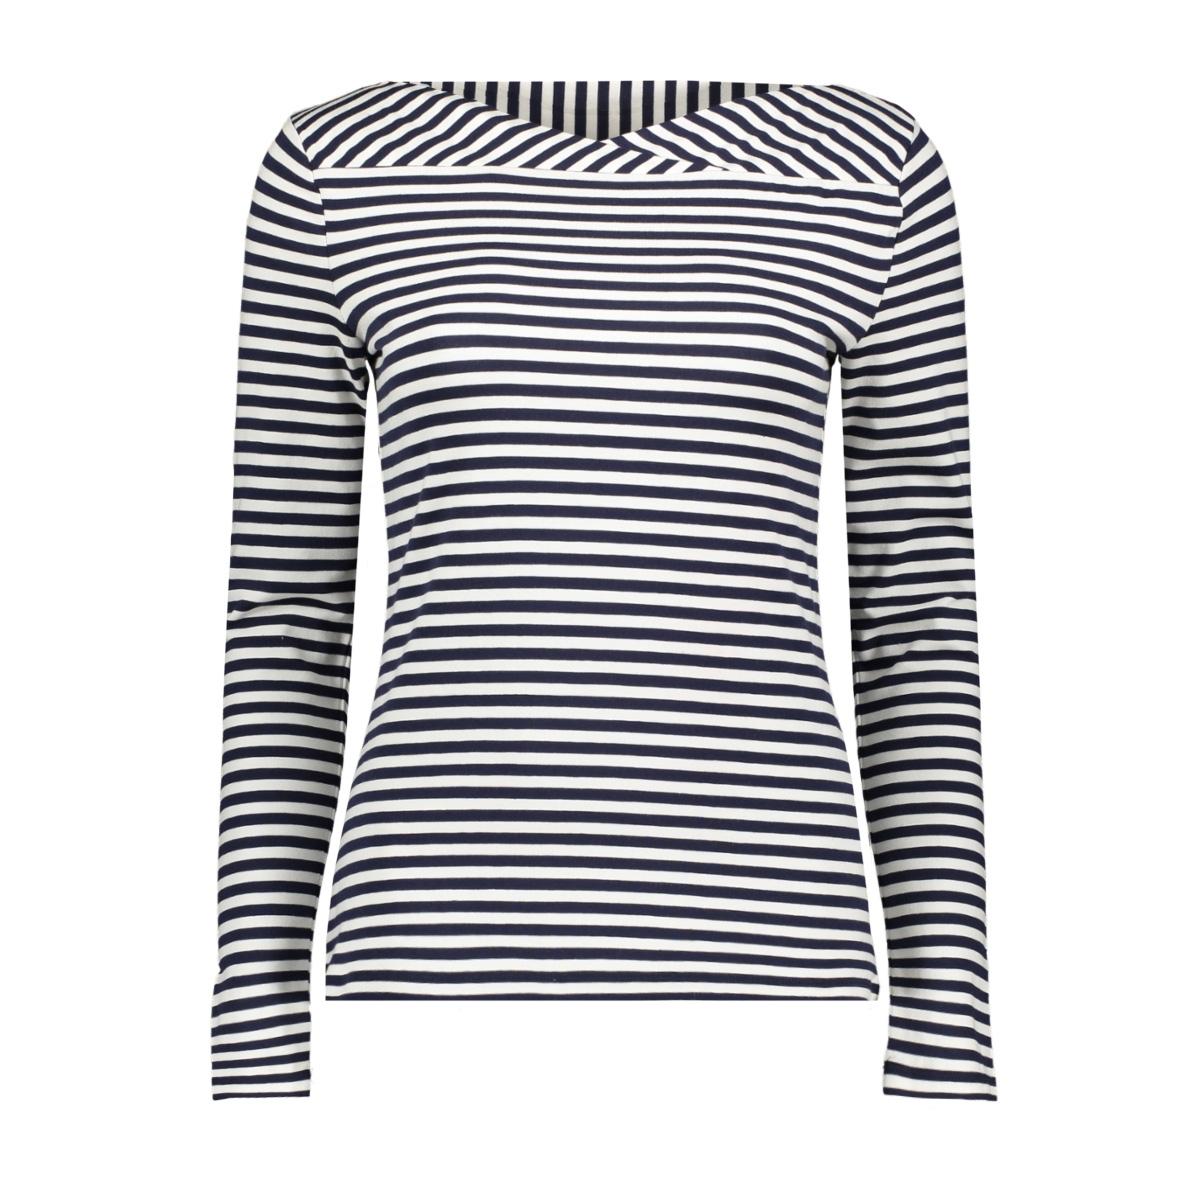 029eo1k007 esprit collection t-shirt e110